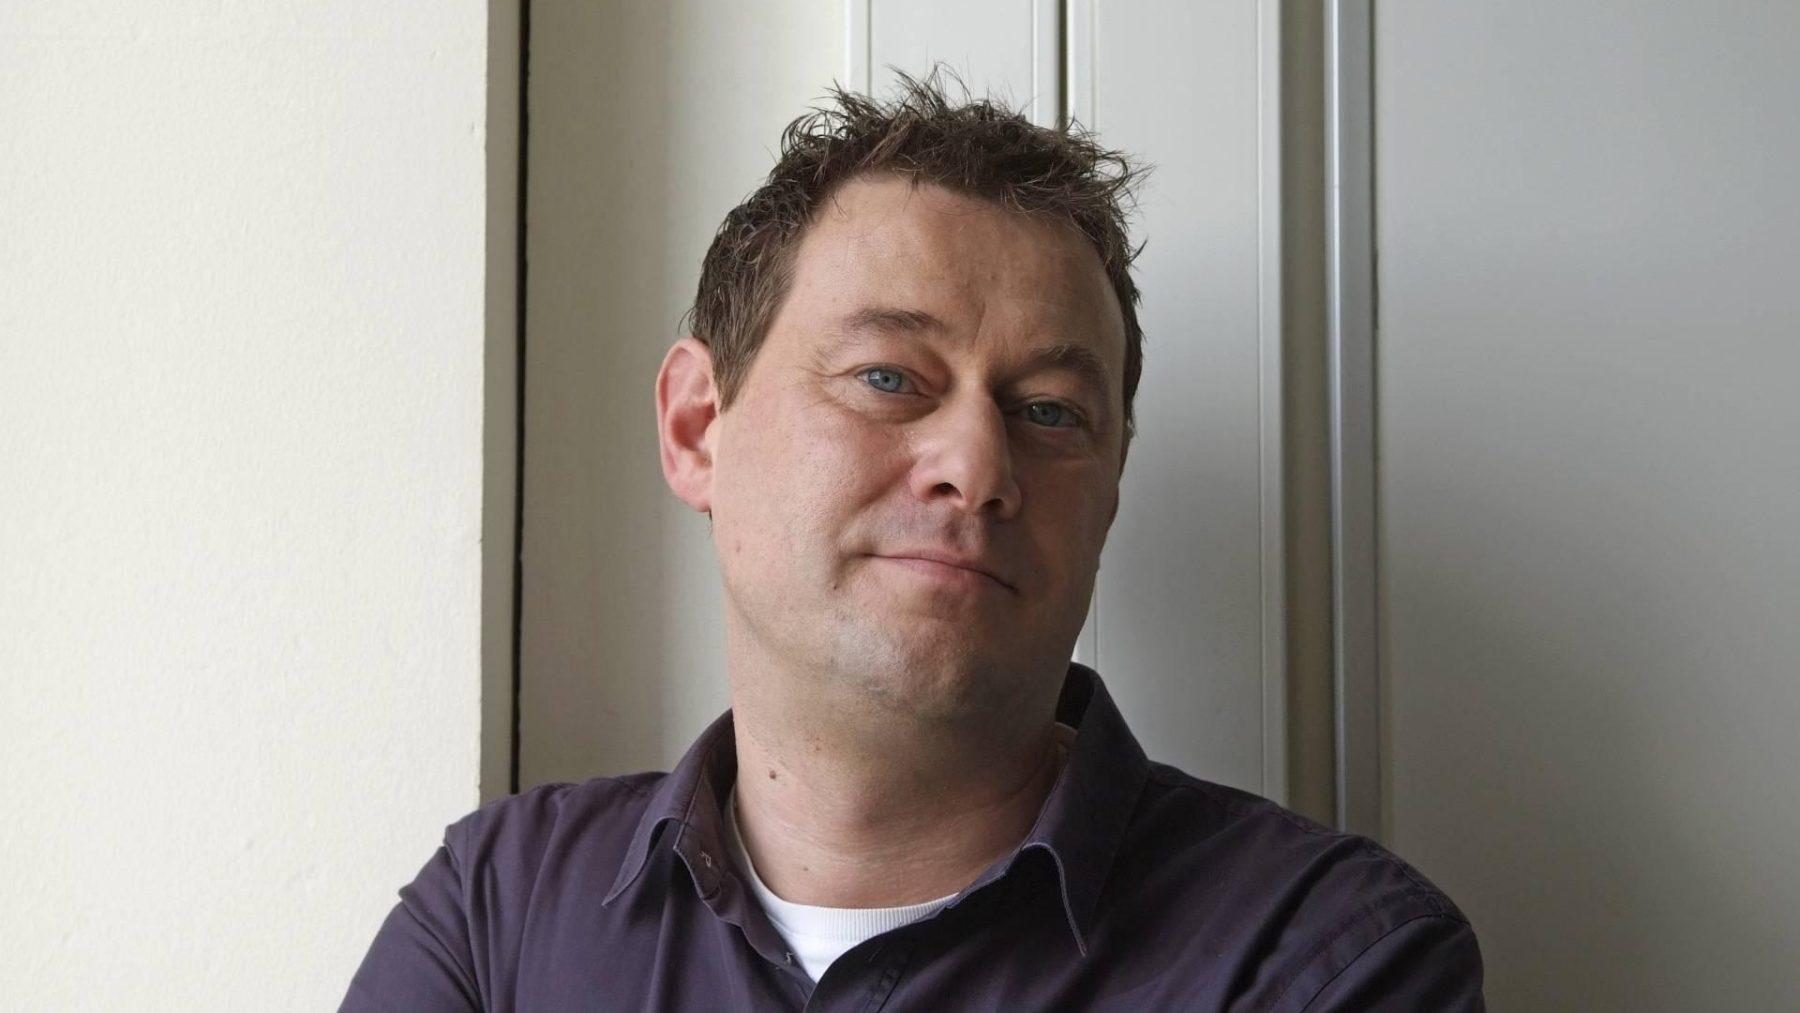 OM: geef bekende televisiemaker Bart de Pauw cel als hij #metoo blijft ontkennen